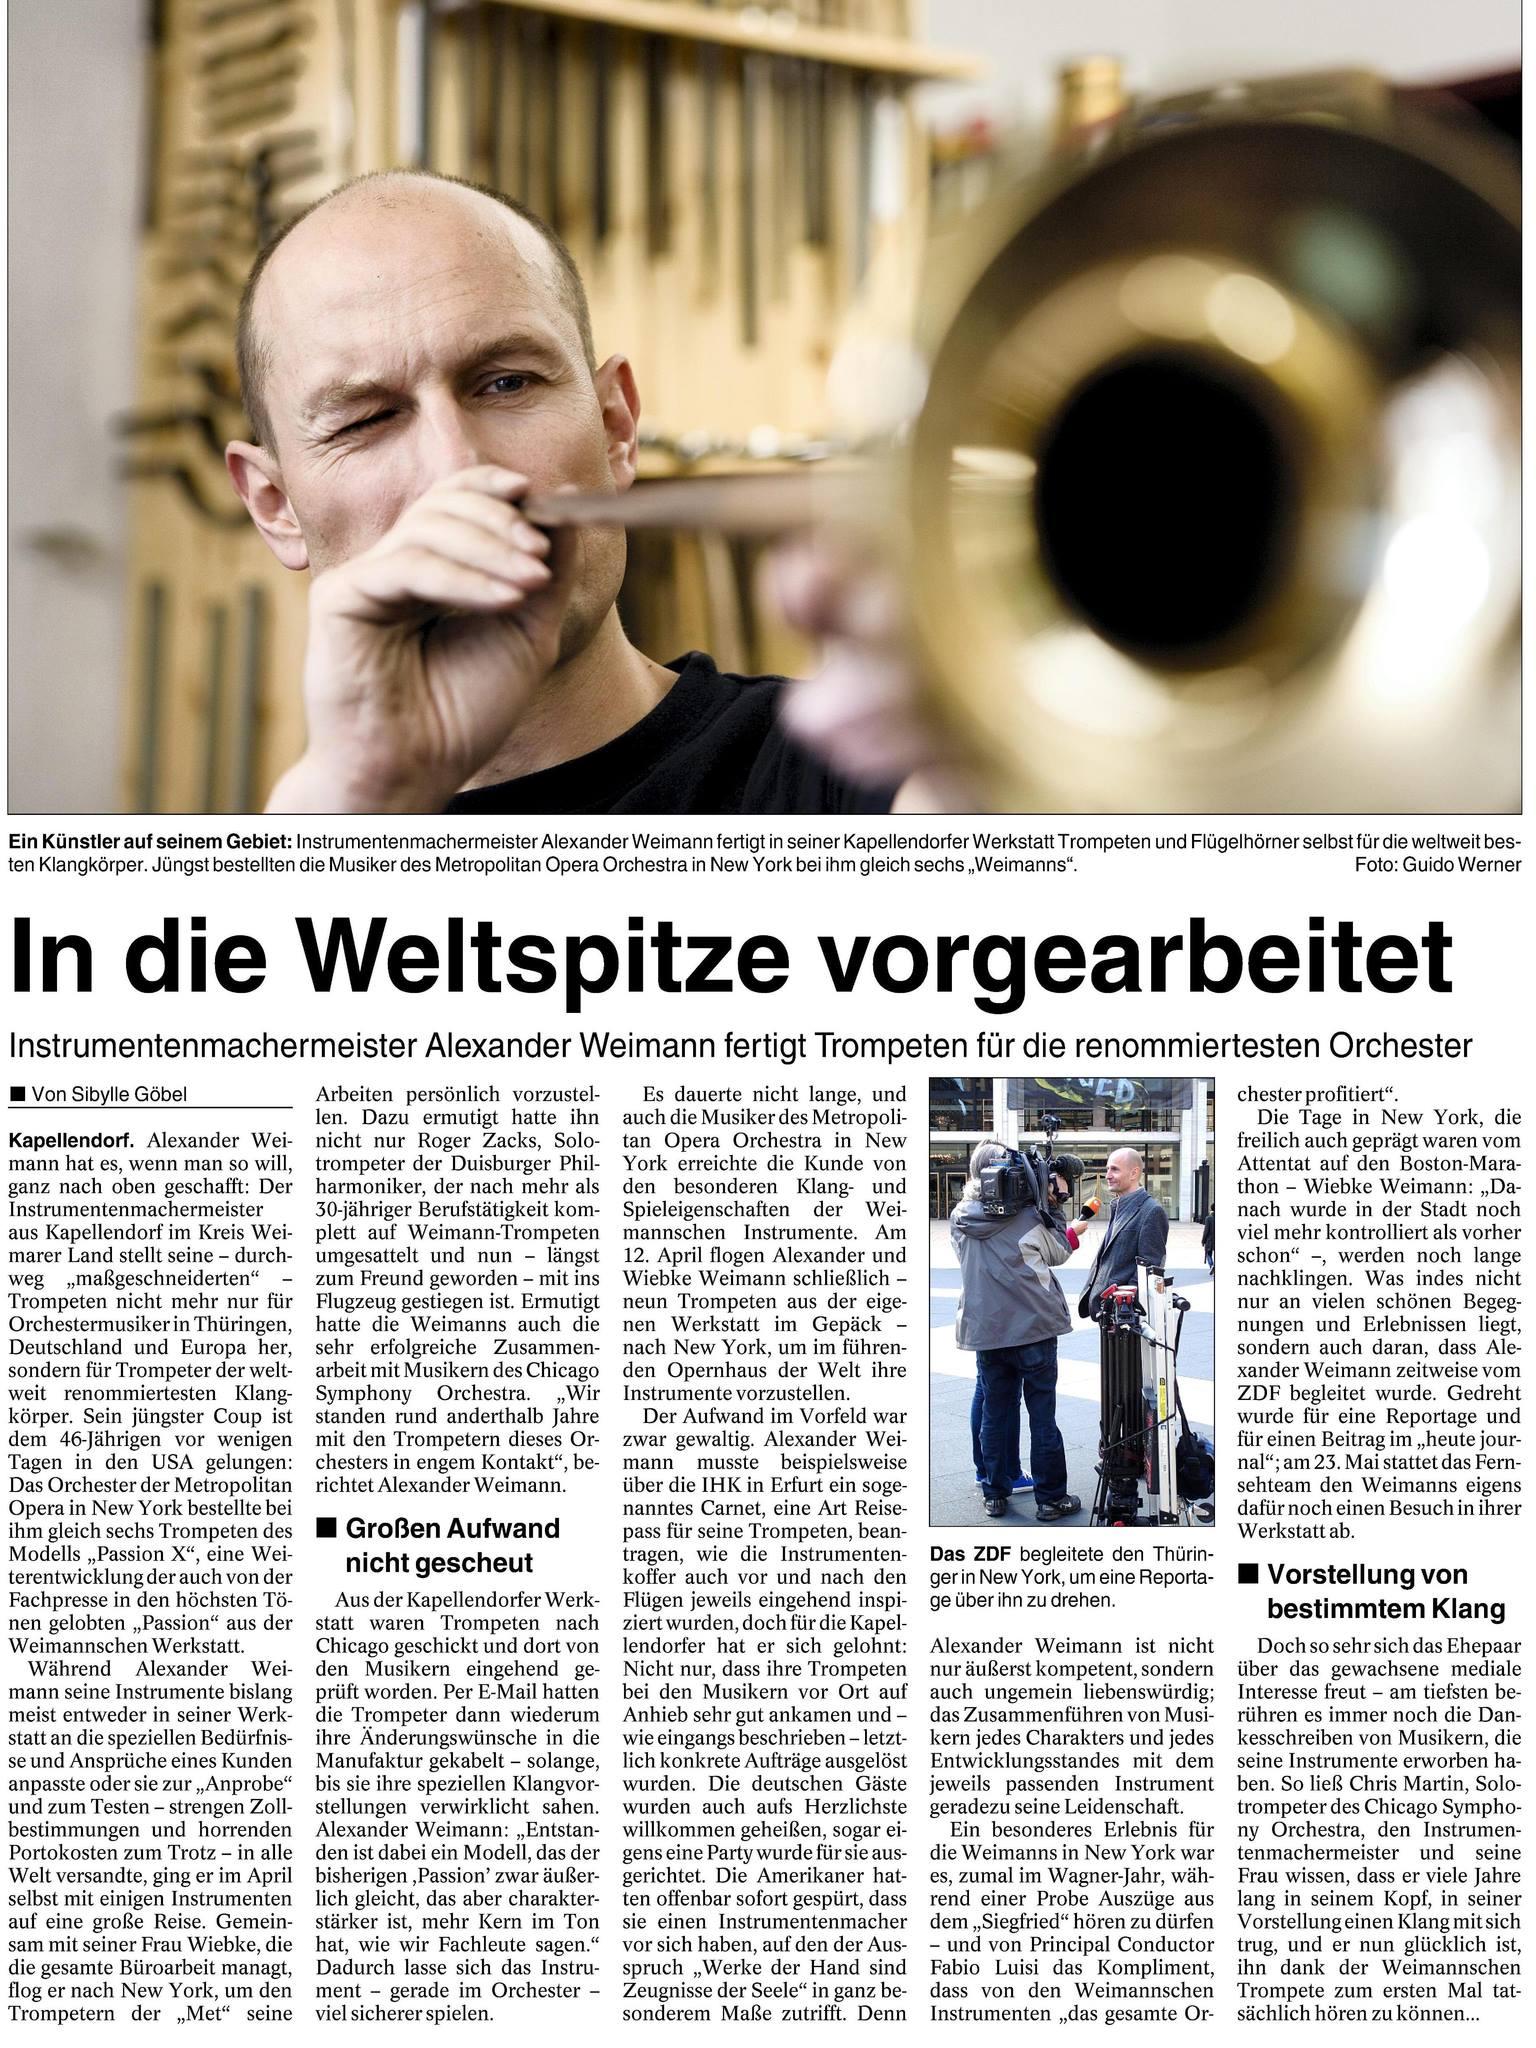 Instrumentenbaumeister Weimann